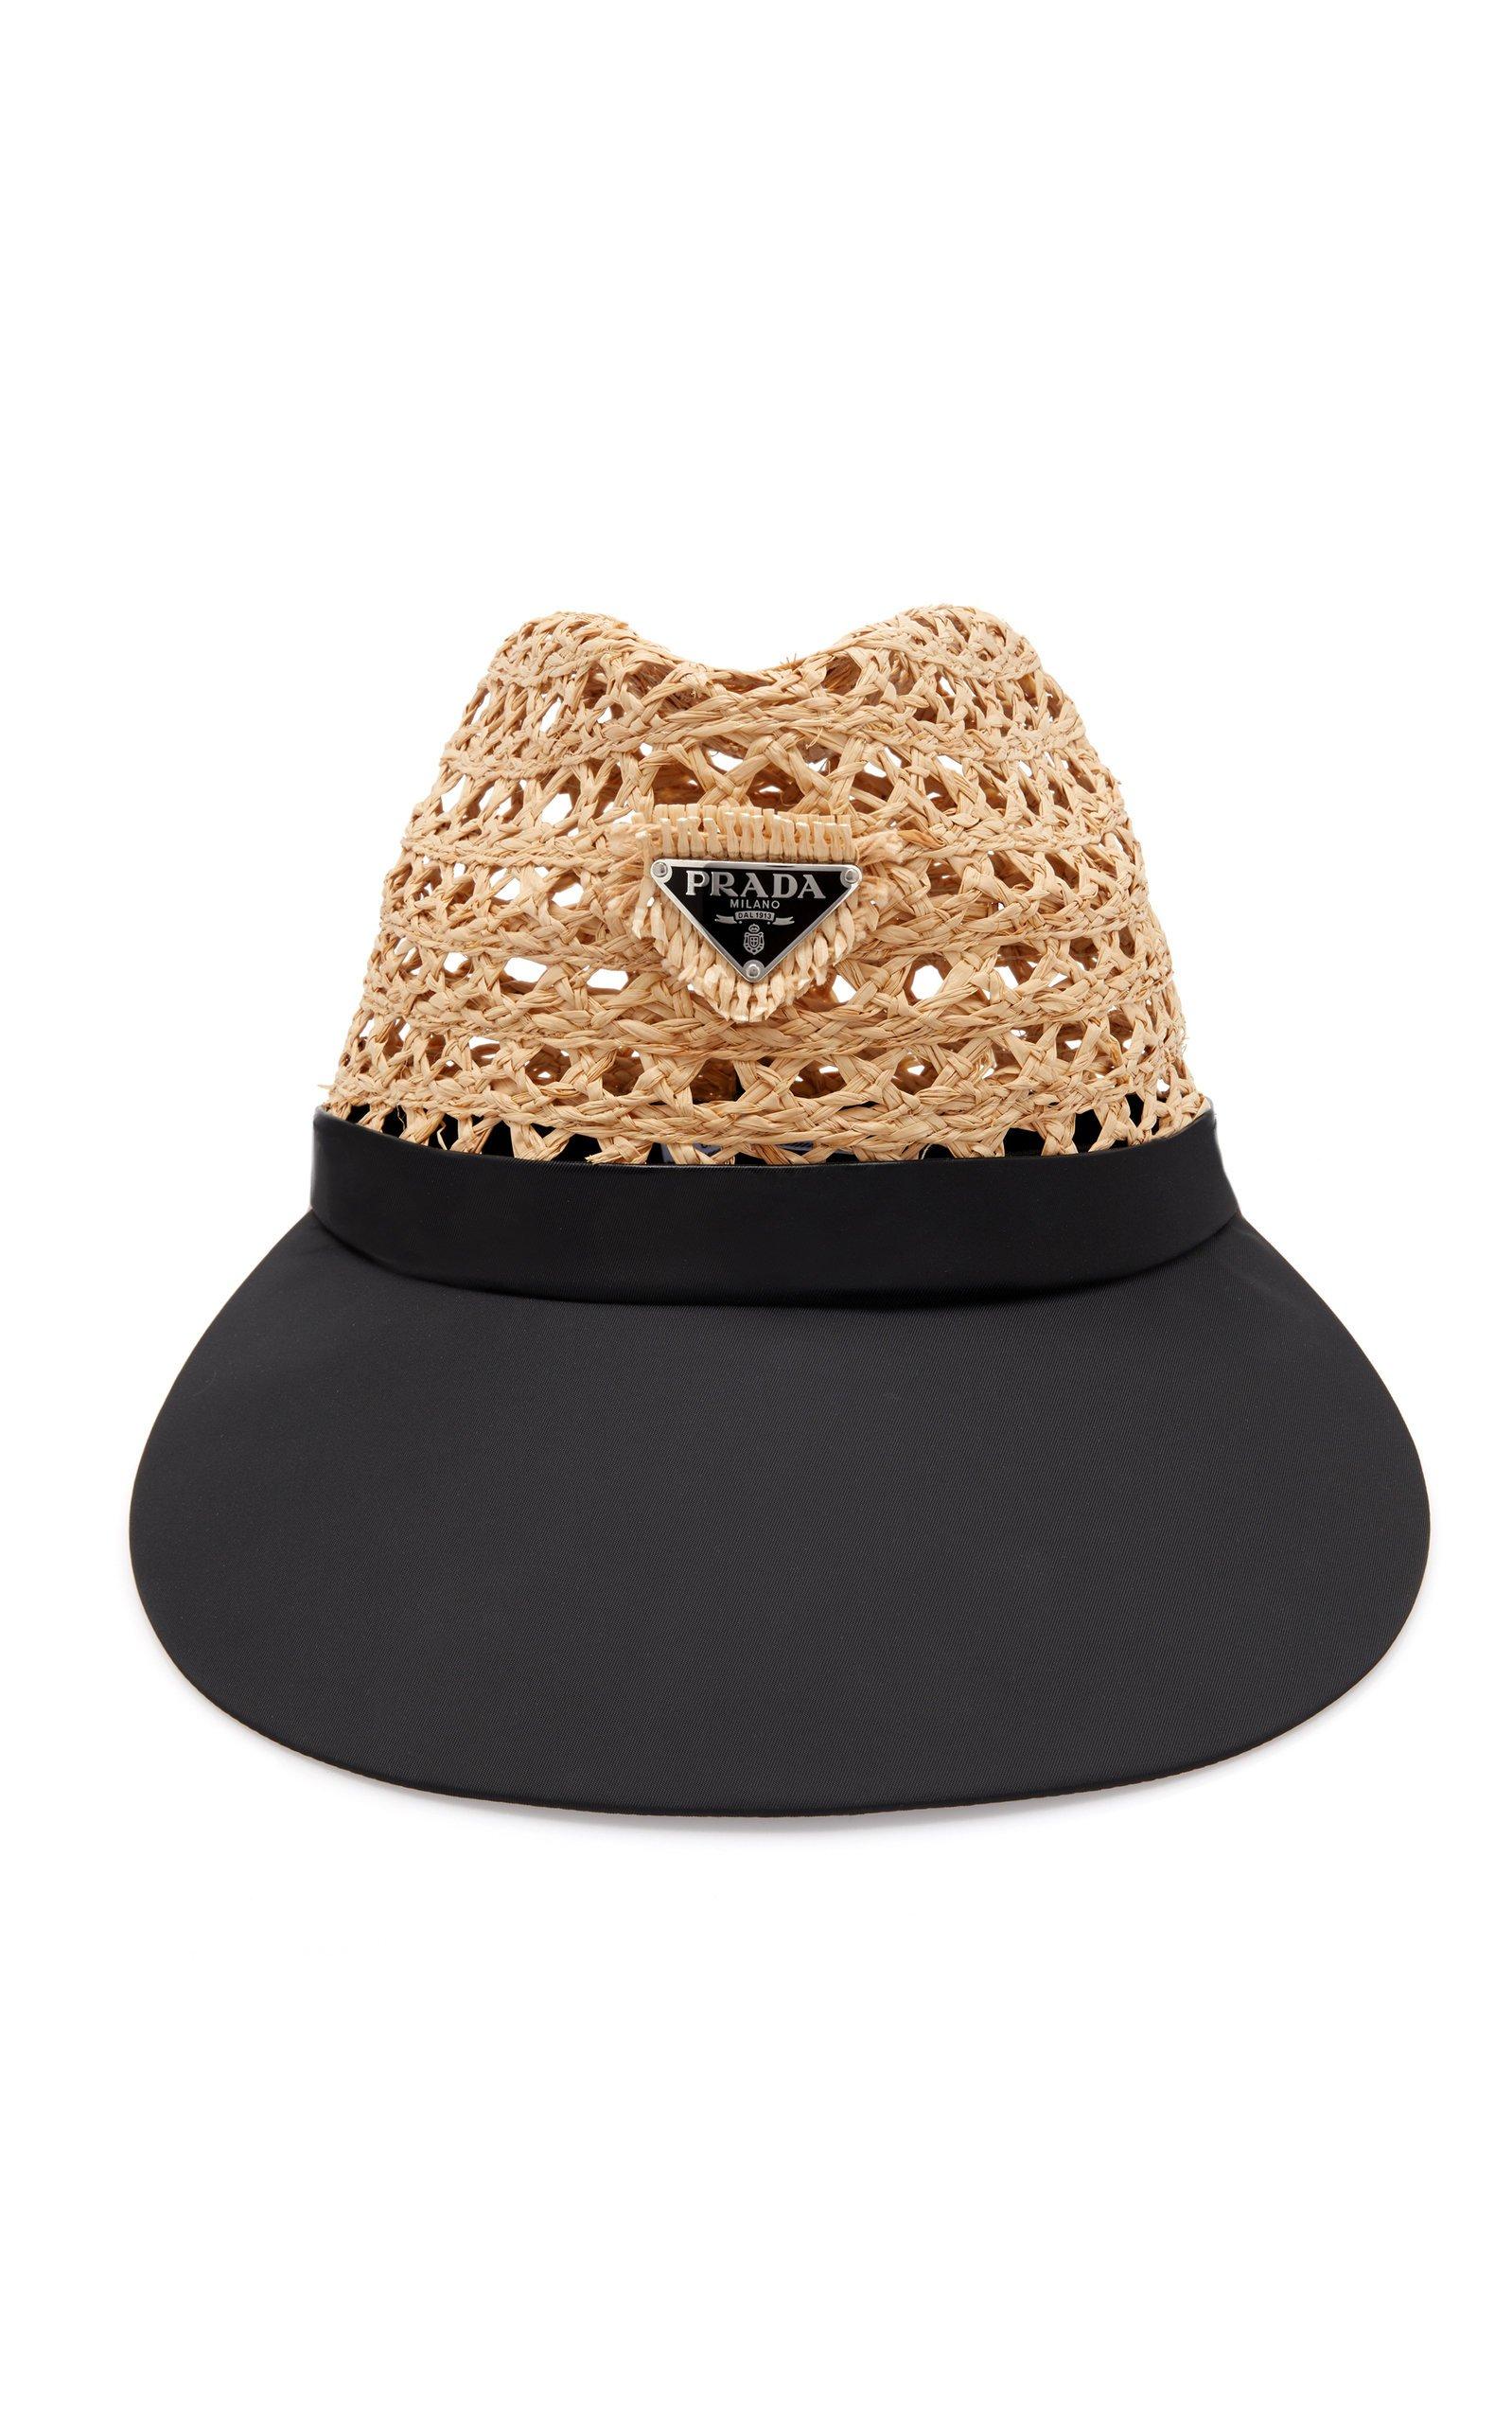 Prada Triangolo Raffia Hat Size: XL